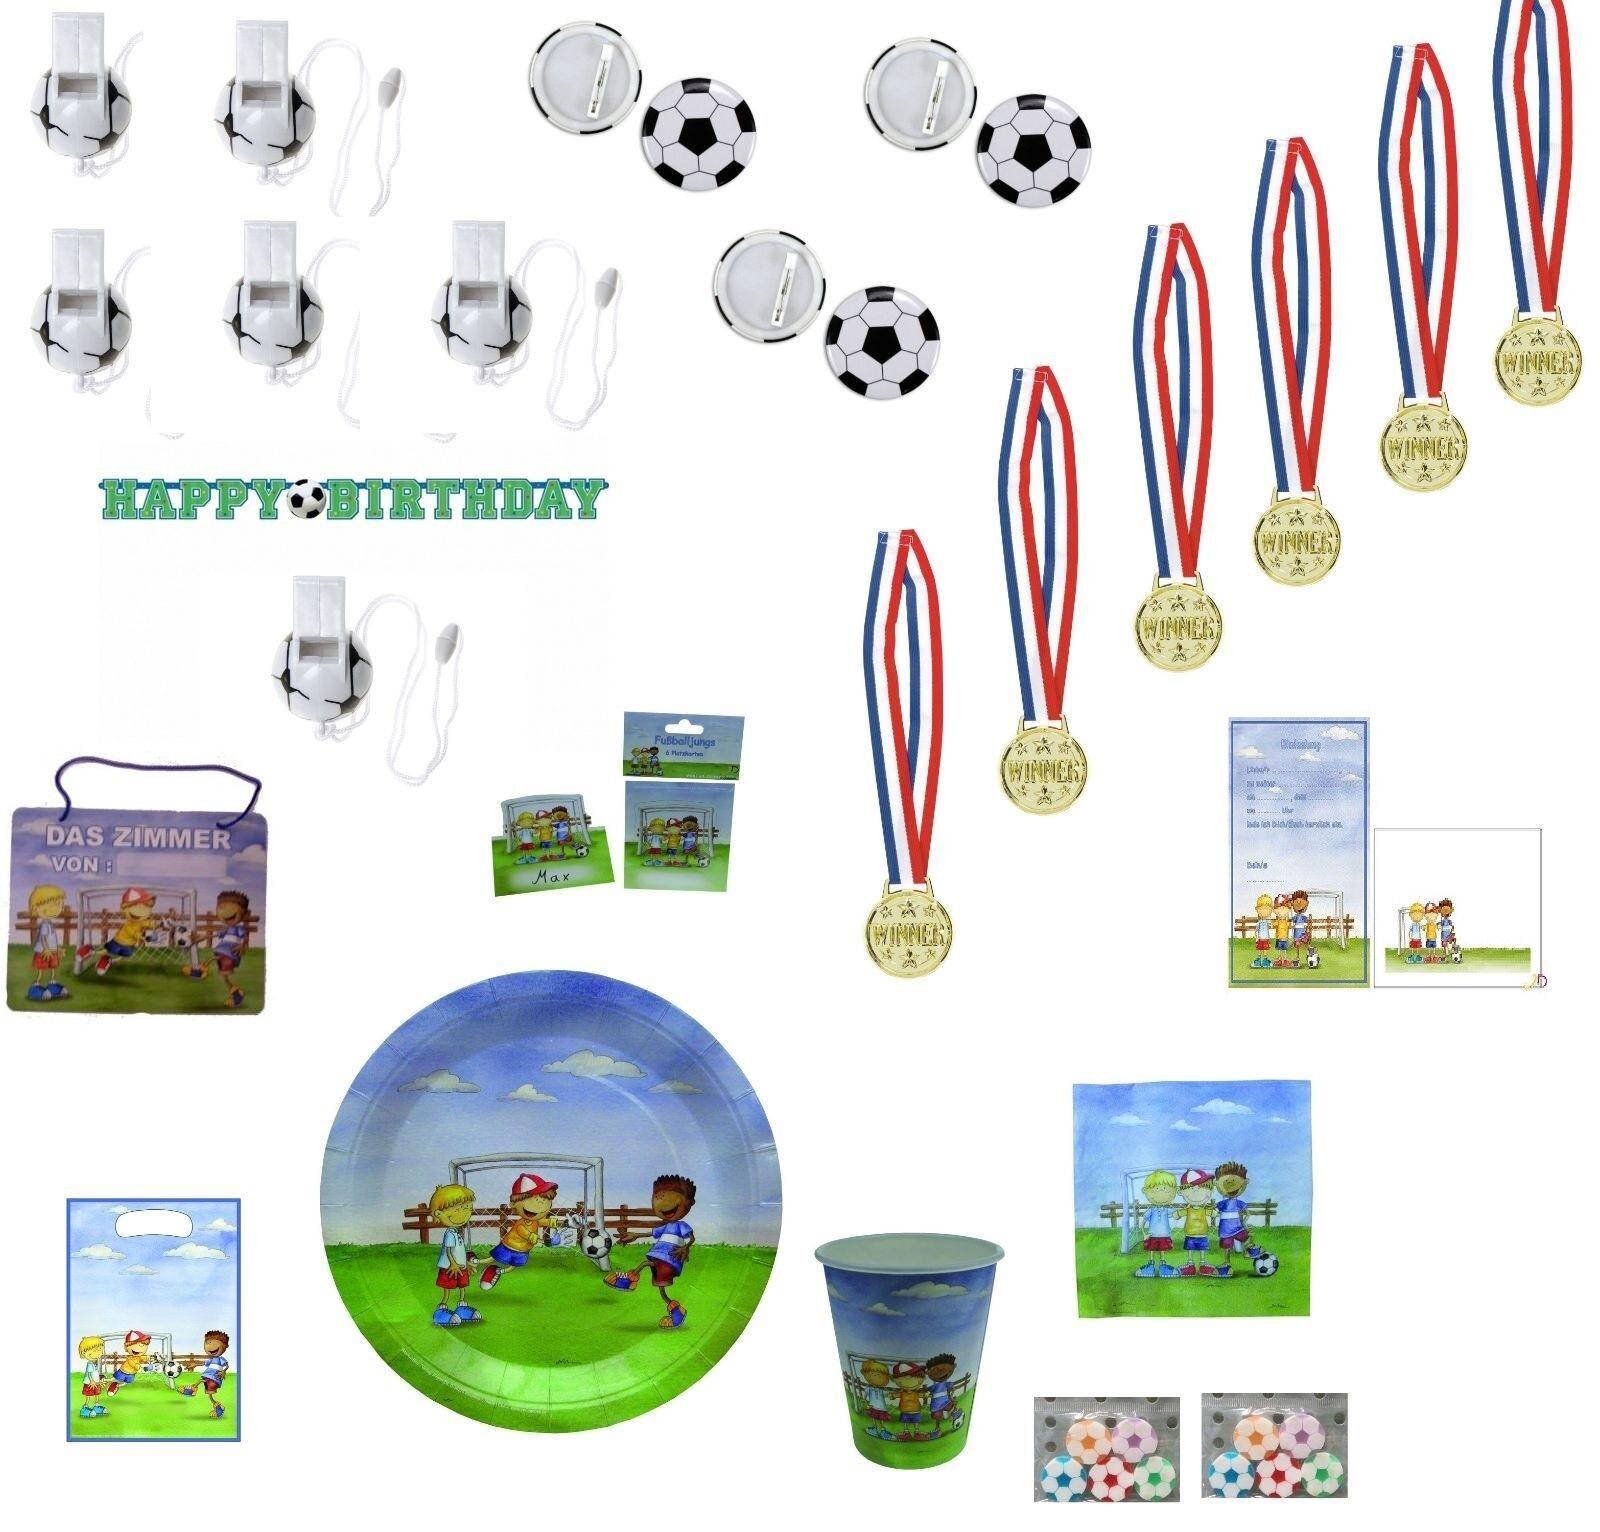 Fussball 96 Teile Kindergeburtstag 6 Kinder Fußball party Mottoparty Mitgebsel | Ab dem neuesten Modell  | Bequeme Berührung